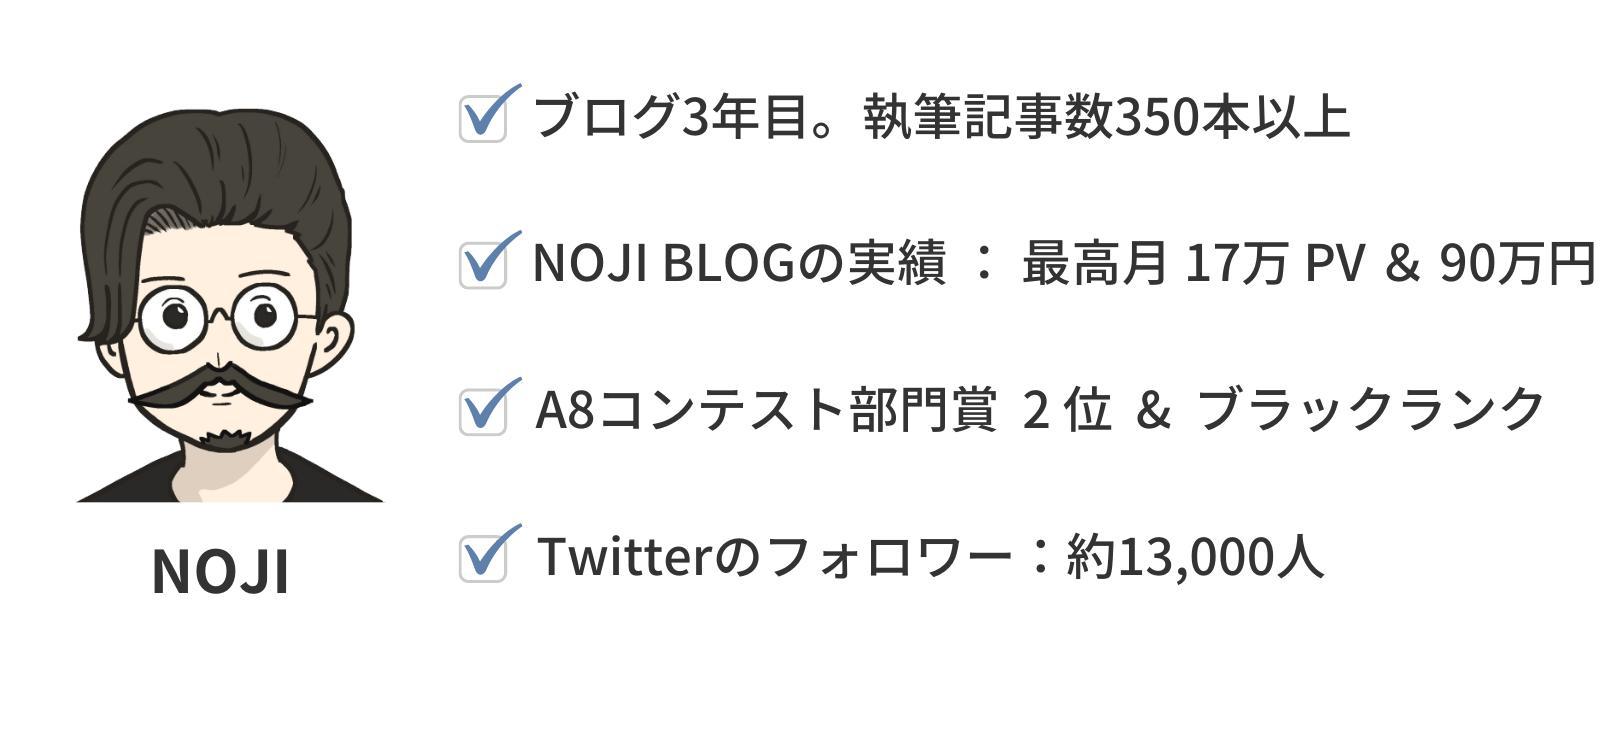 NOJIのプロフィール